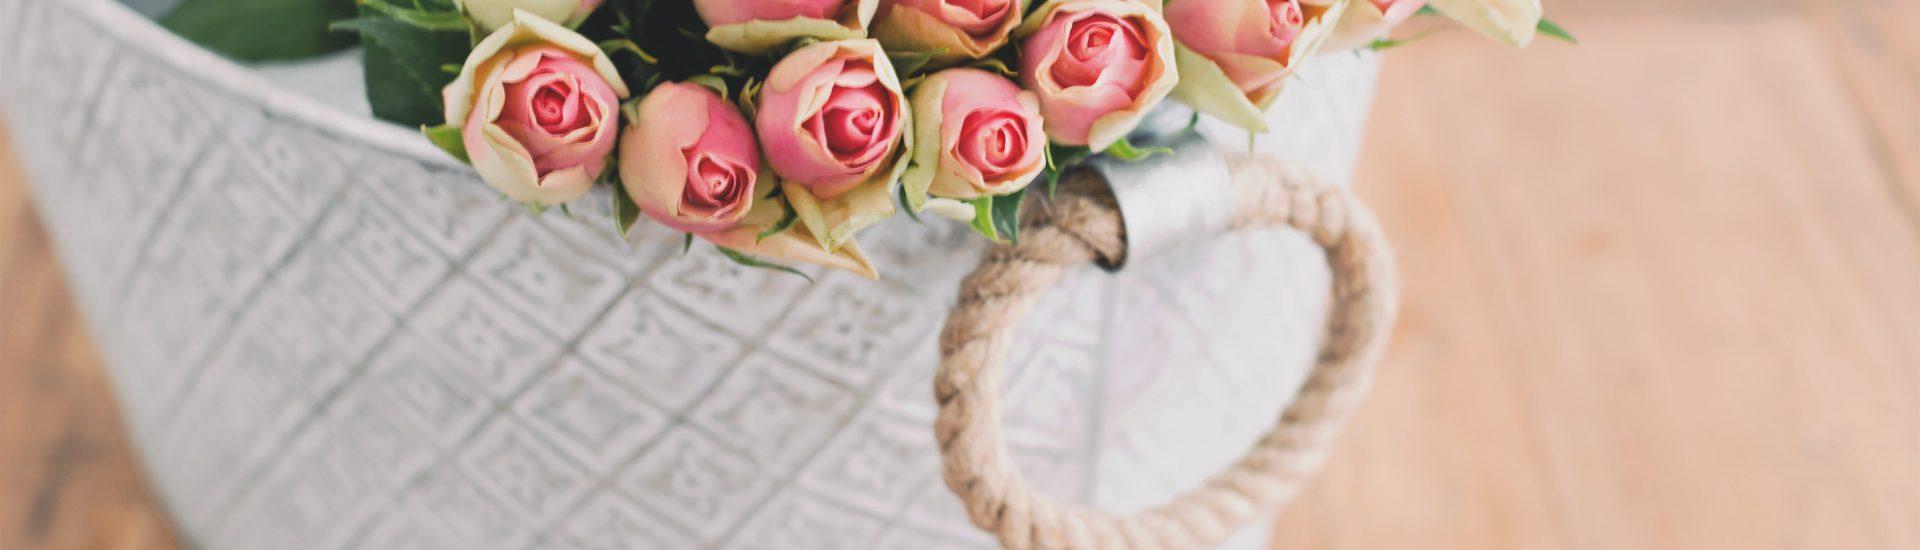 roses basket blog primetimechaos